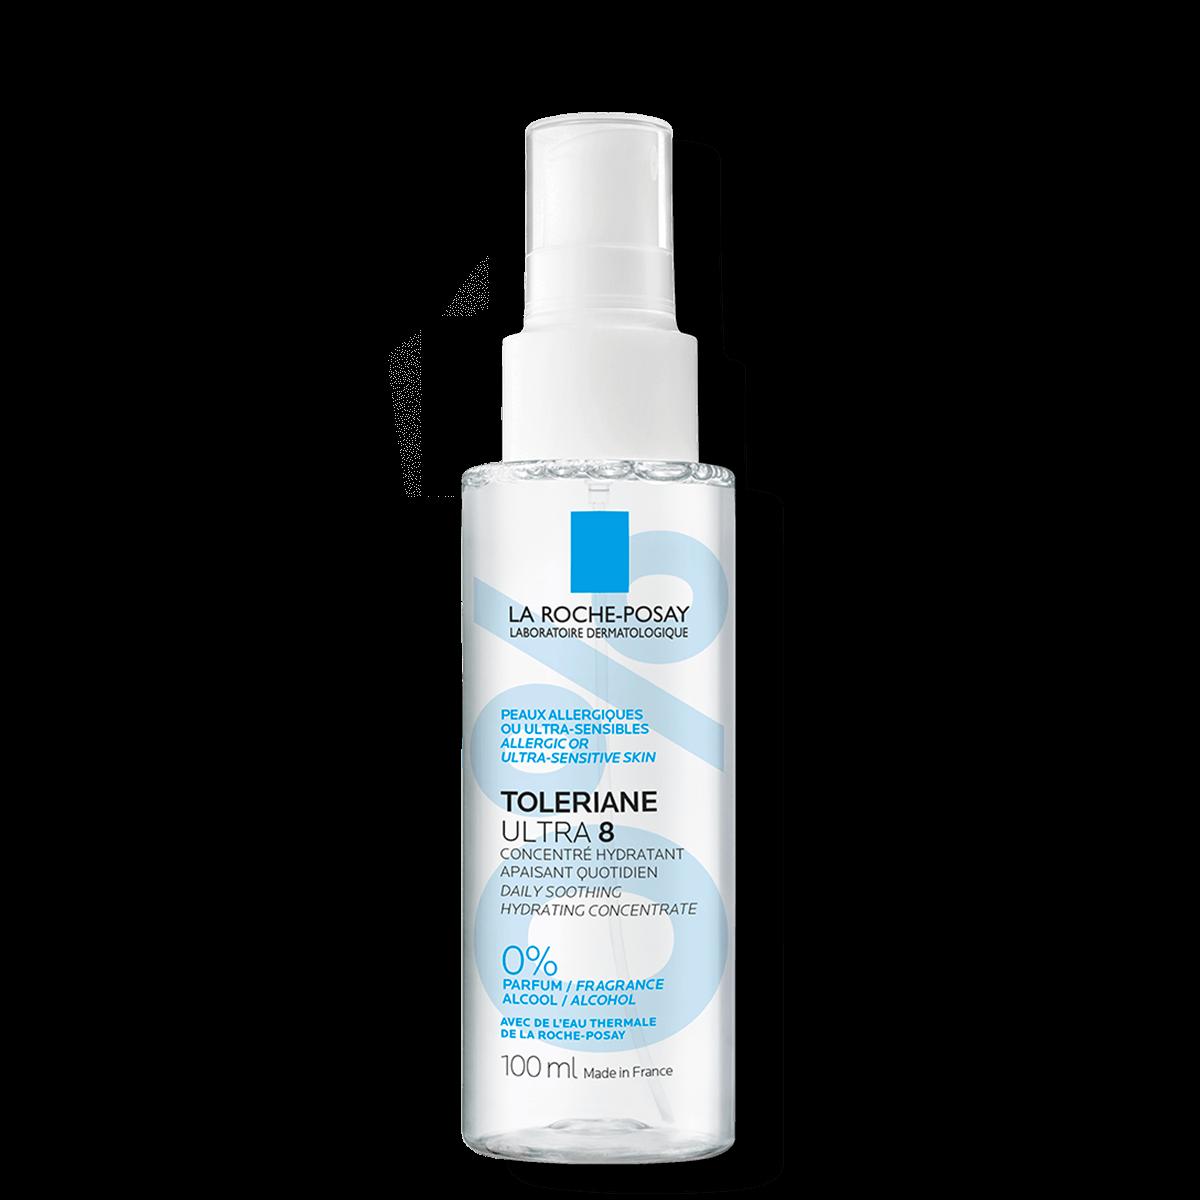 La Roche Posay ProduktSide Sensitiv Tendens til allergi Toleriane Ultra 8 100ml